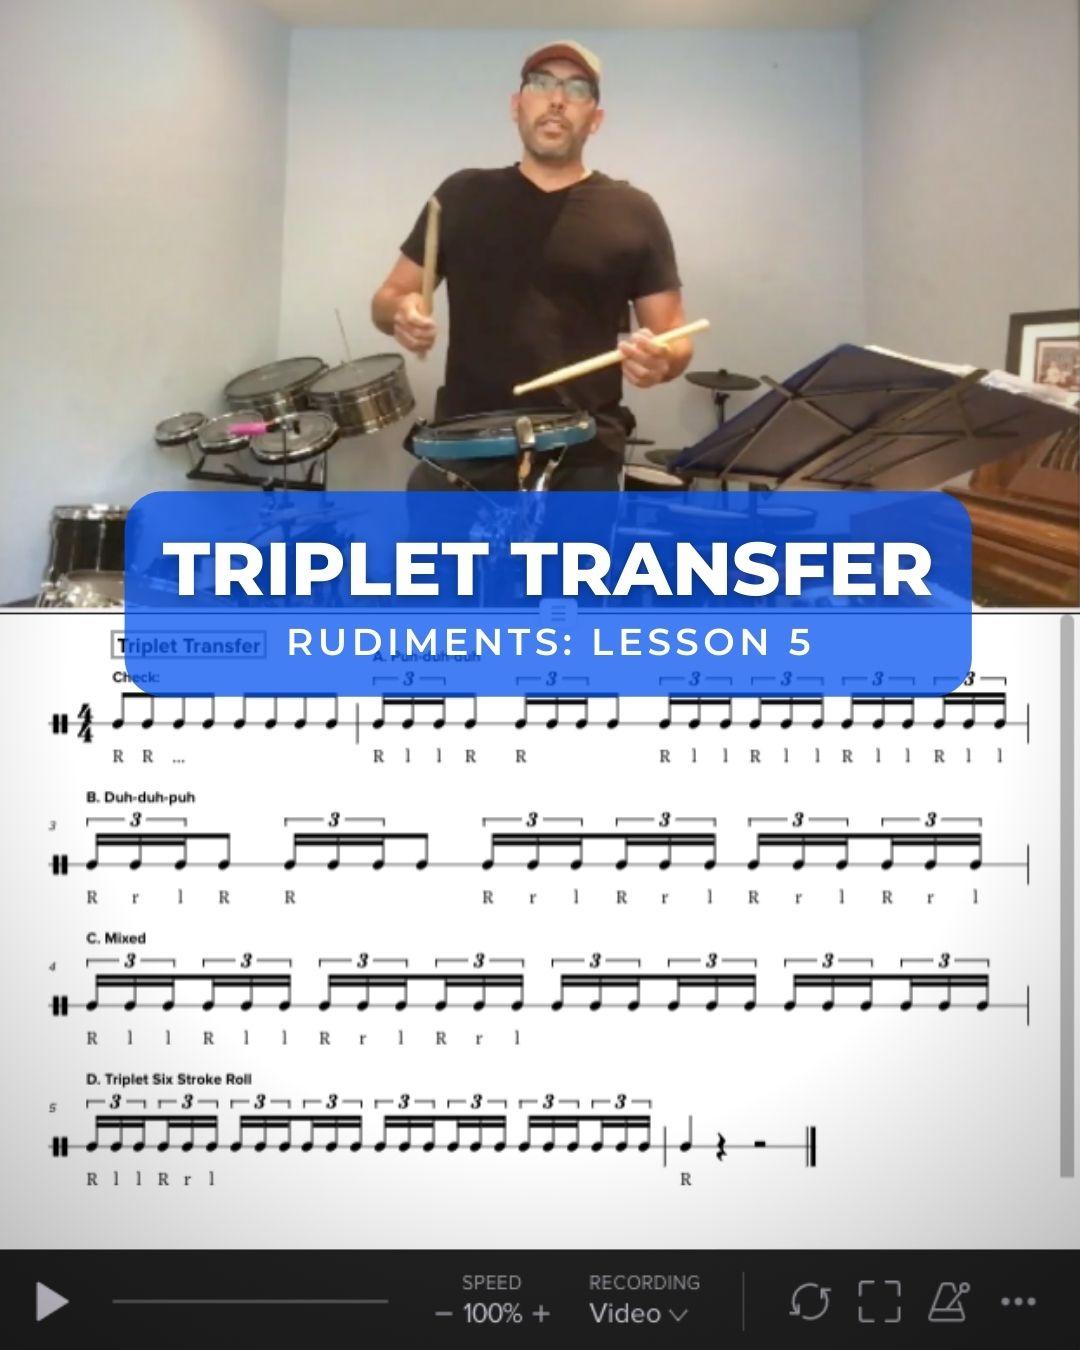 Triplet Transfer